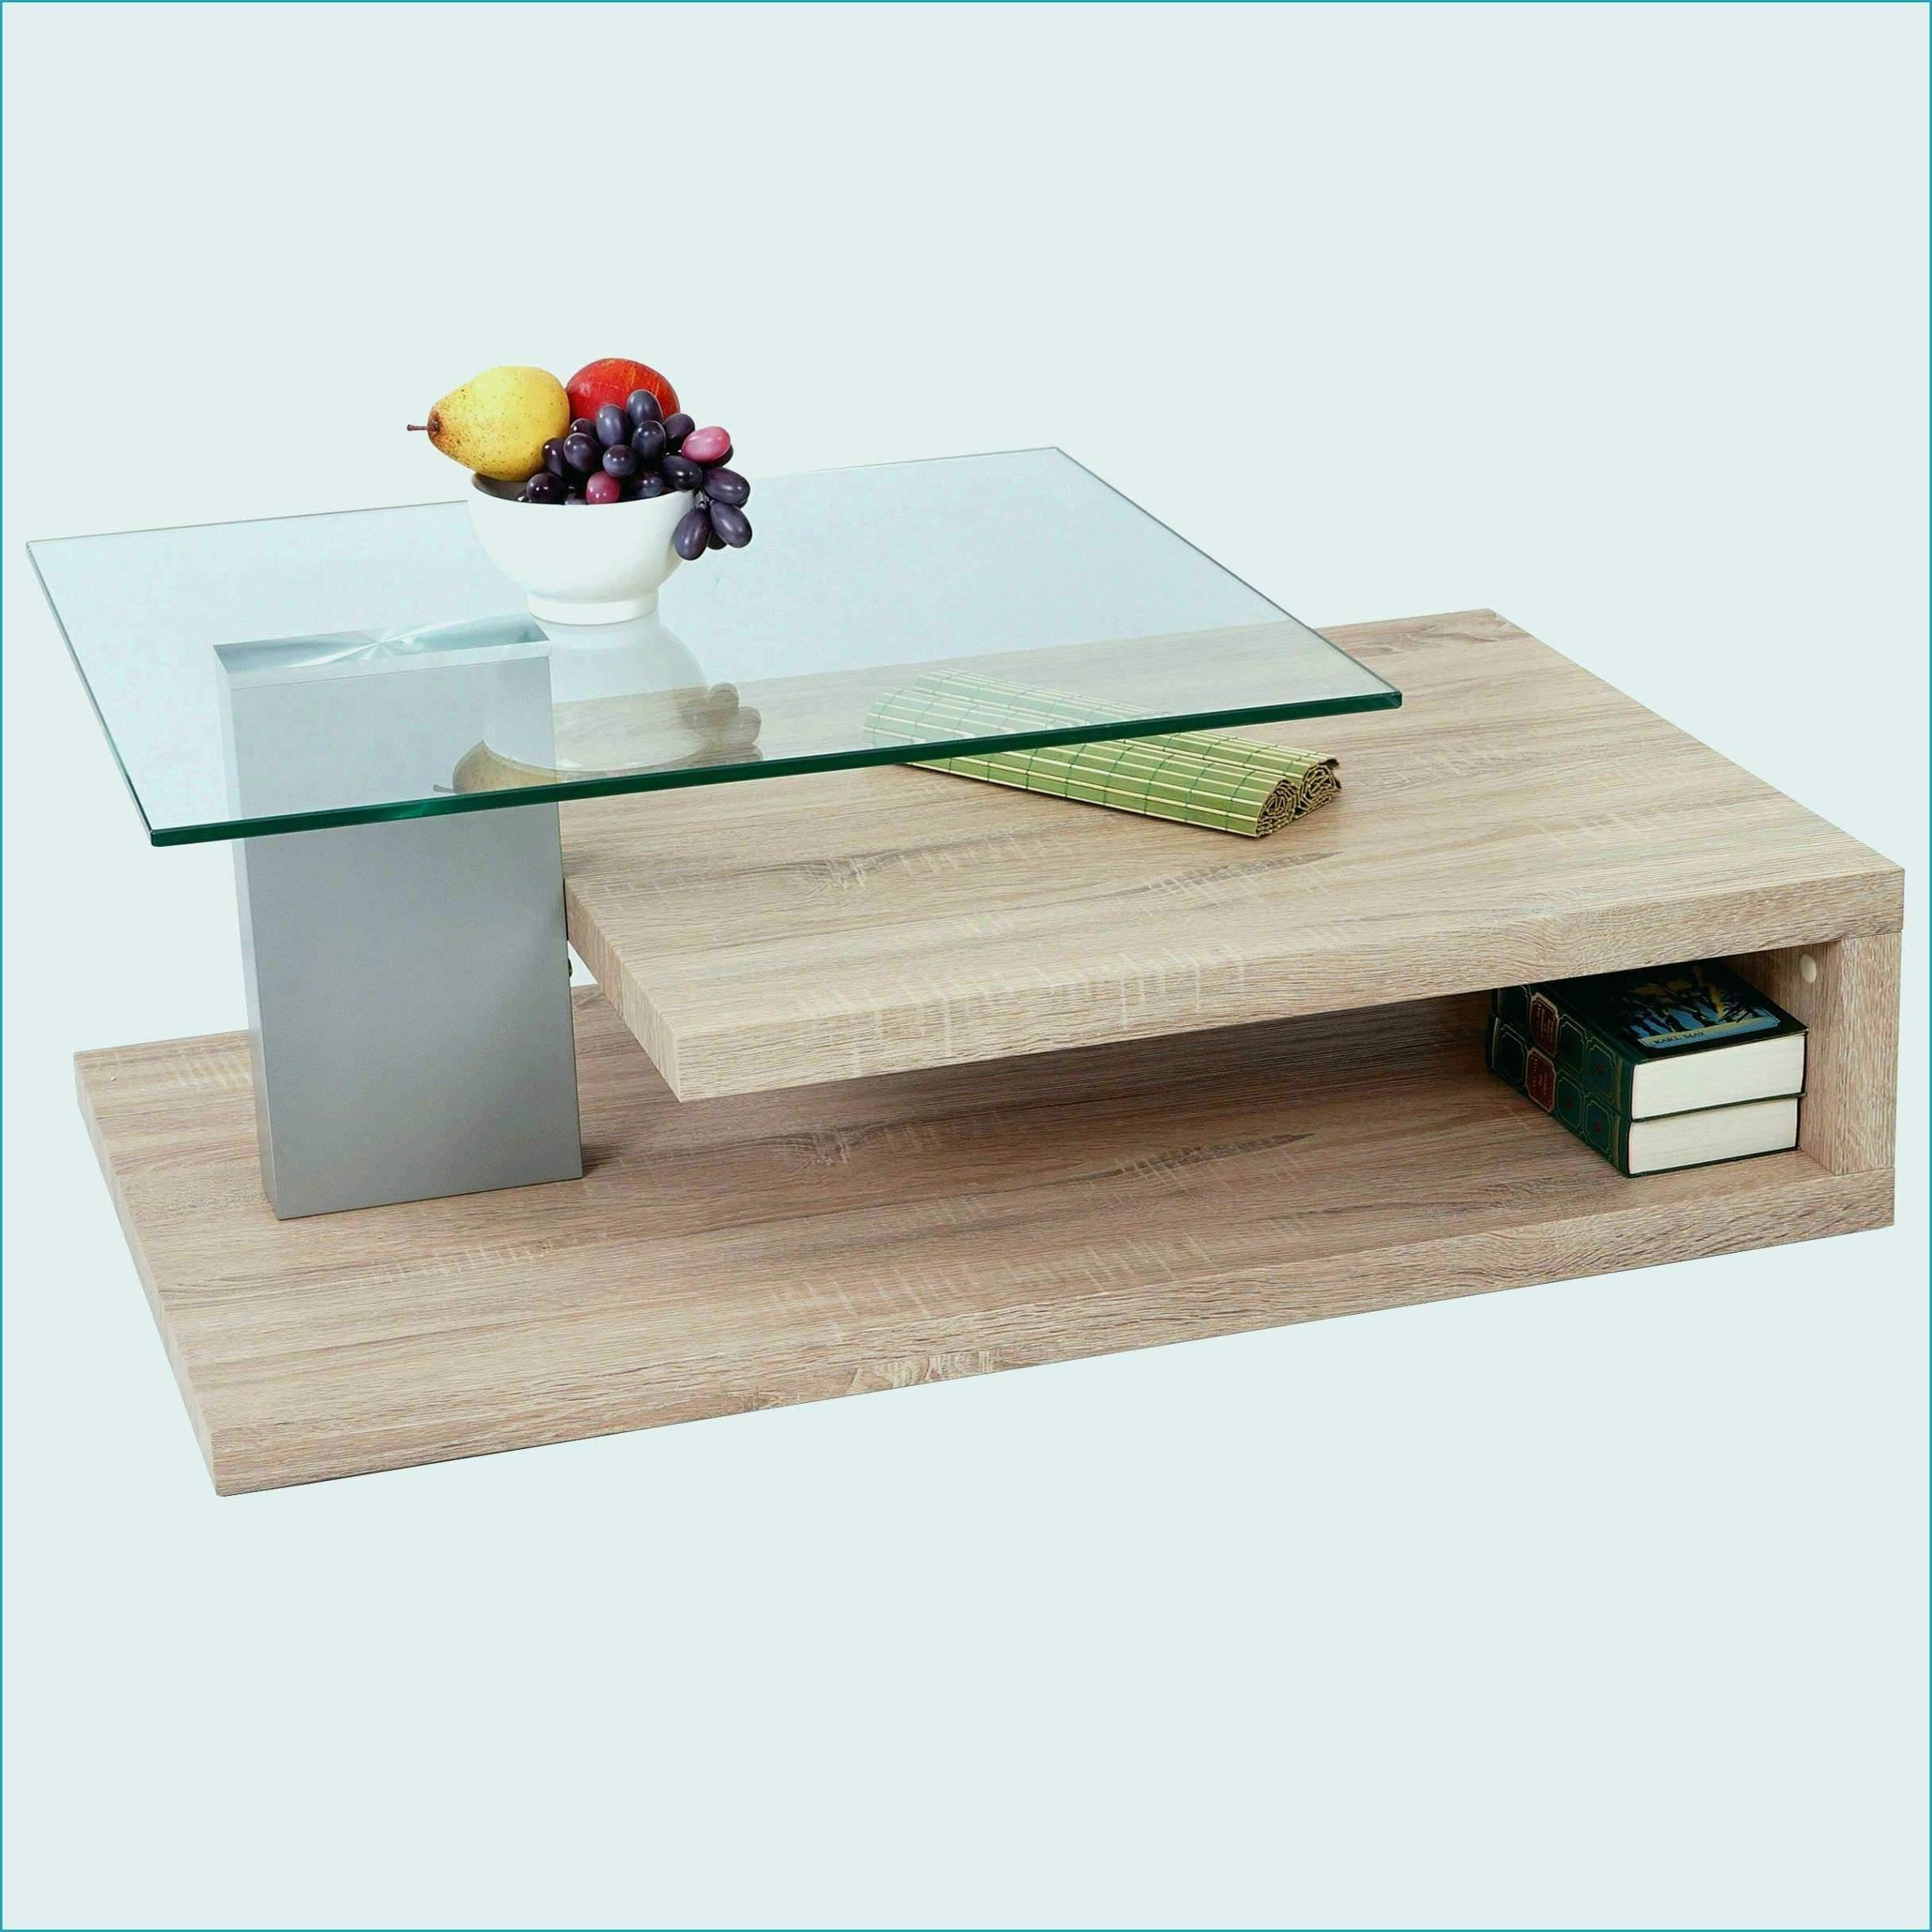 esstisch wohnzimmer luxus tisch rund holz schon 44 billig esstisch ausziehbar grau of esstisch wohnzimmer